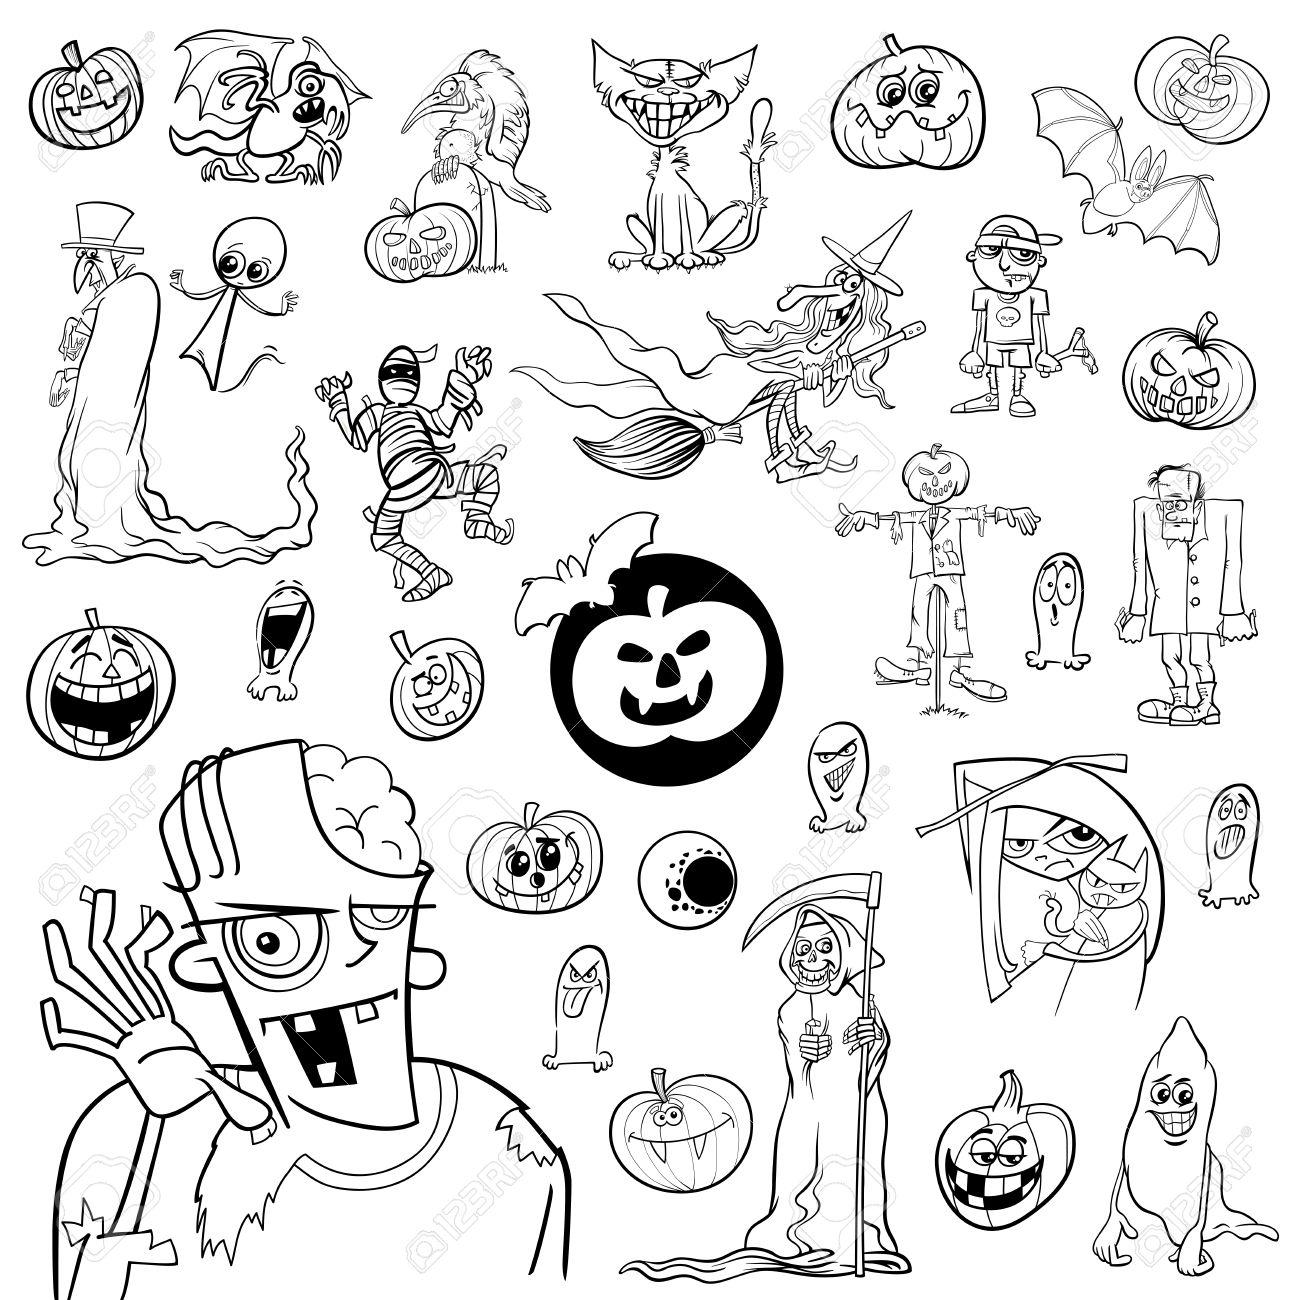 Ilustración De Dibujos Animados Blanco Y Negro De Halloween De Vacaciones Temas Y Diseño Conjunto De Elementos Ilustraciones Vectoriales Clip Art Vectorizado Libre De Derechos Image 64103024